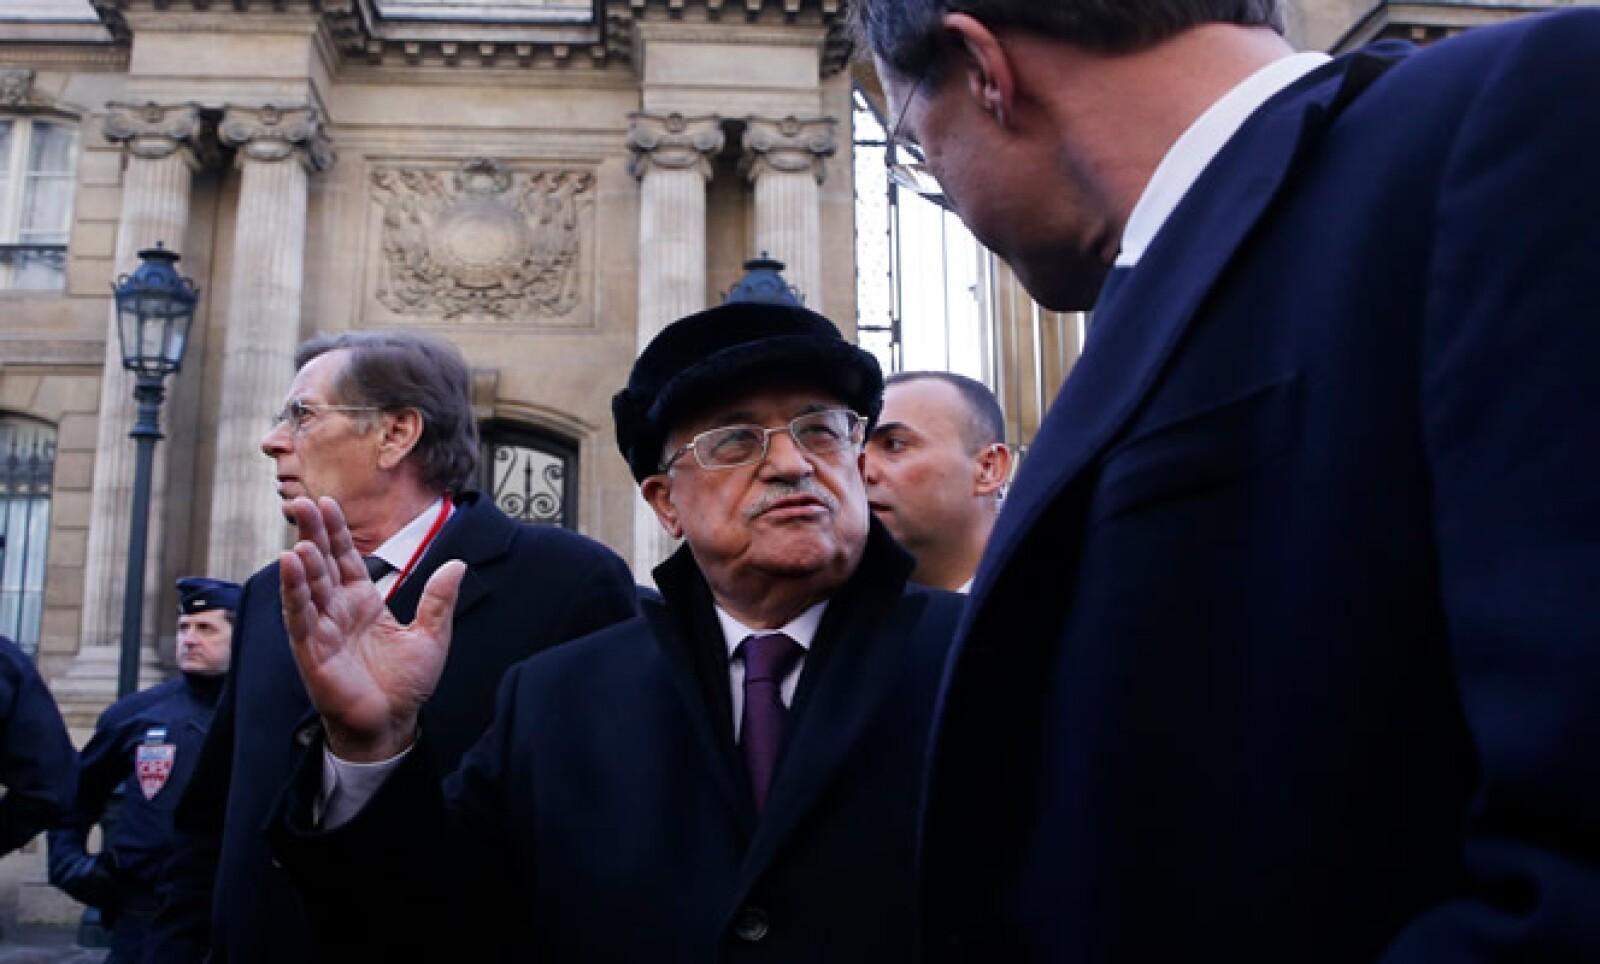 Mahmoud Abbas marchó junto con docenas de líderes extranjeros, entre ellos representantes árabes y musulmanes.